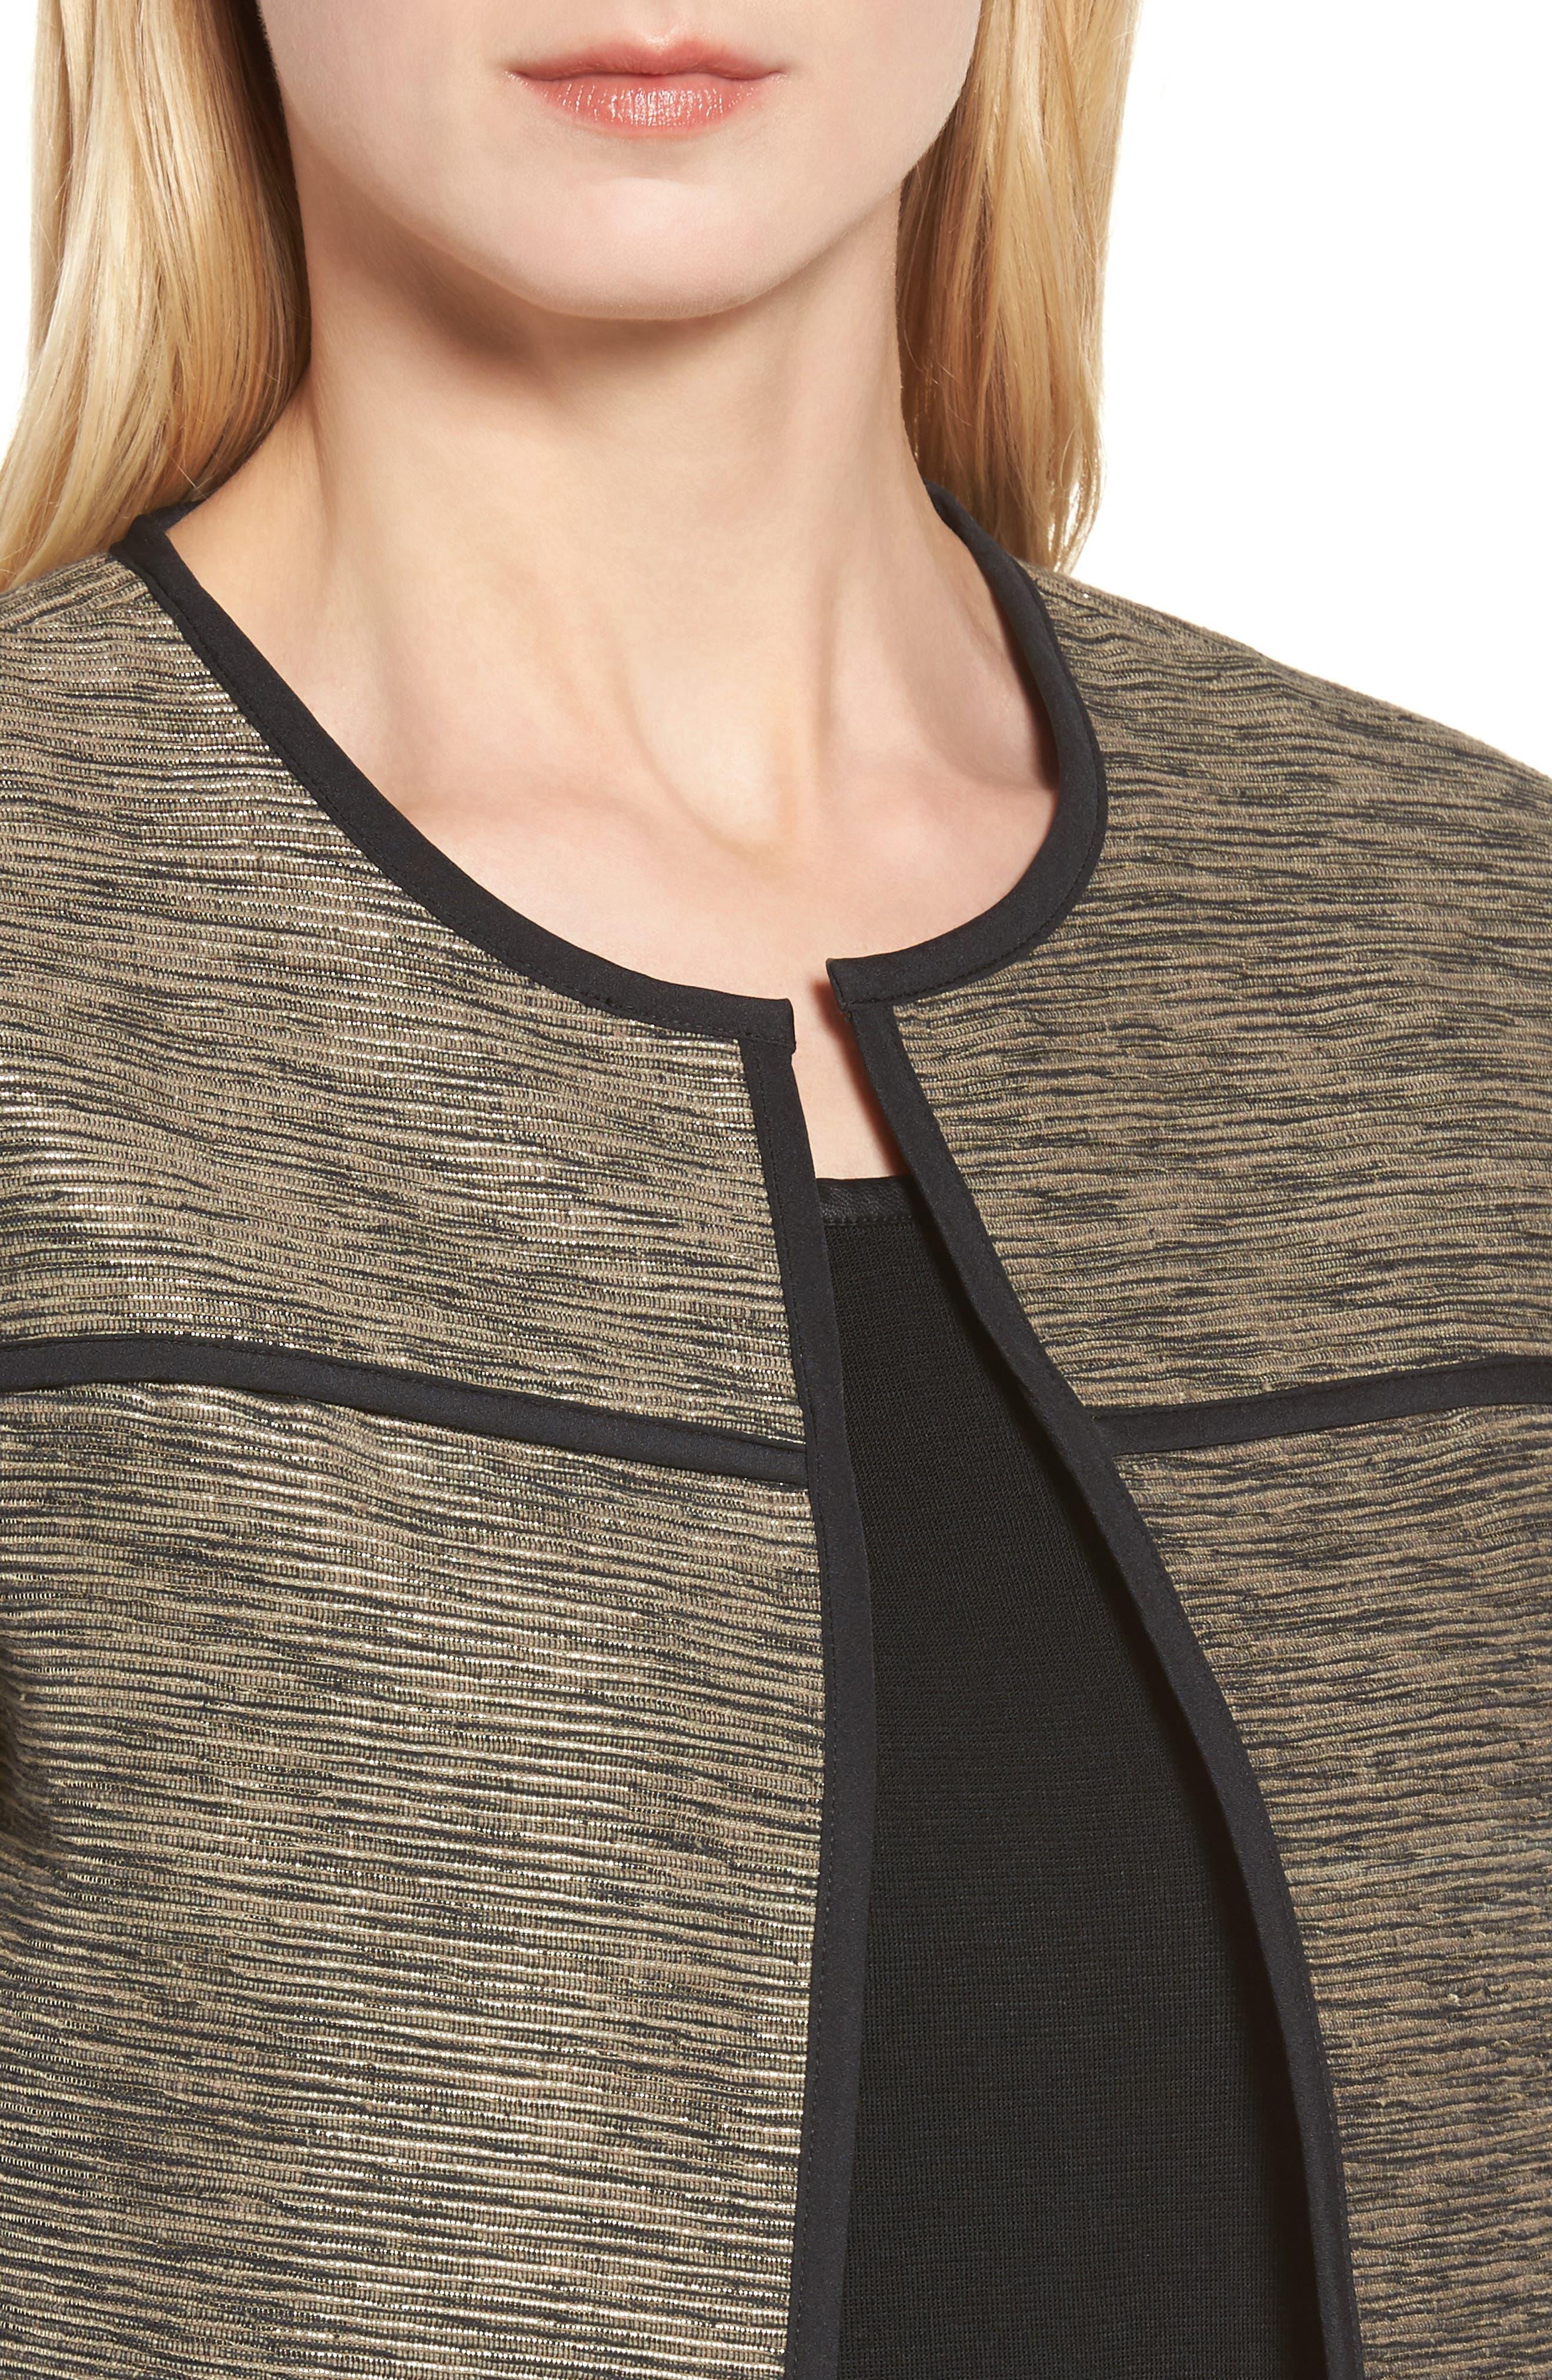 Metallic Tweed Jacket,                             Alternate thumbnail 4, color,                             Ash/ Black/ Cat Eye